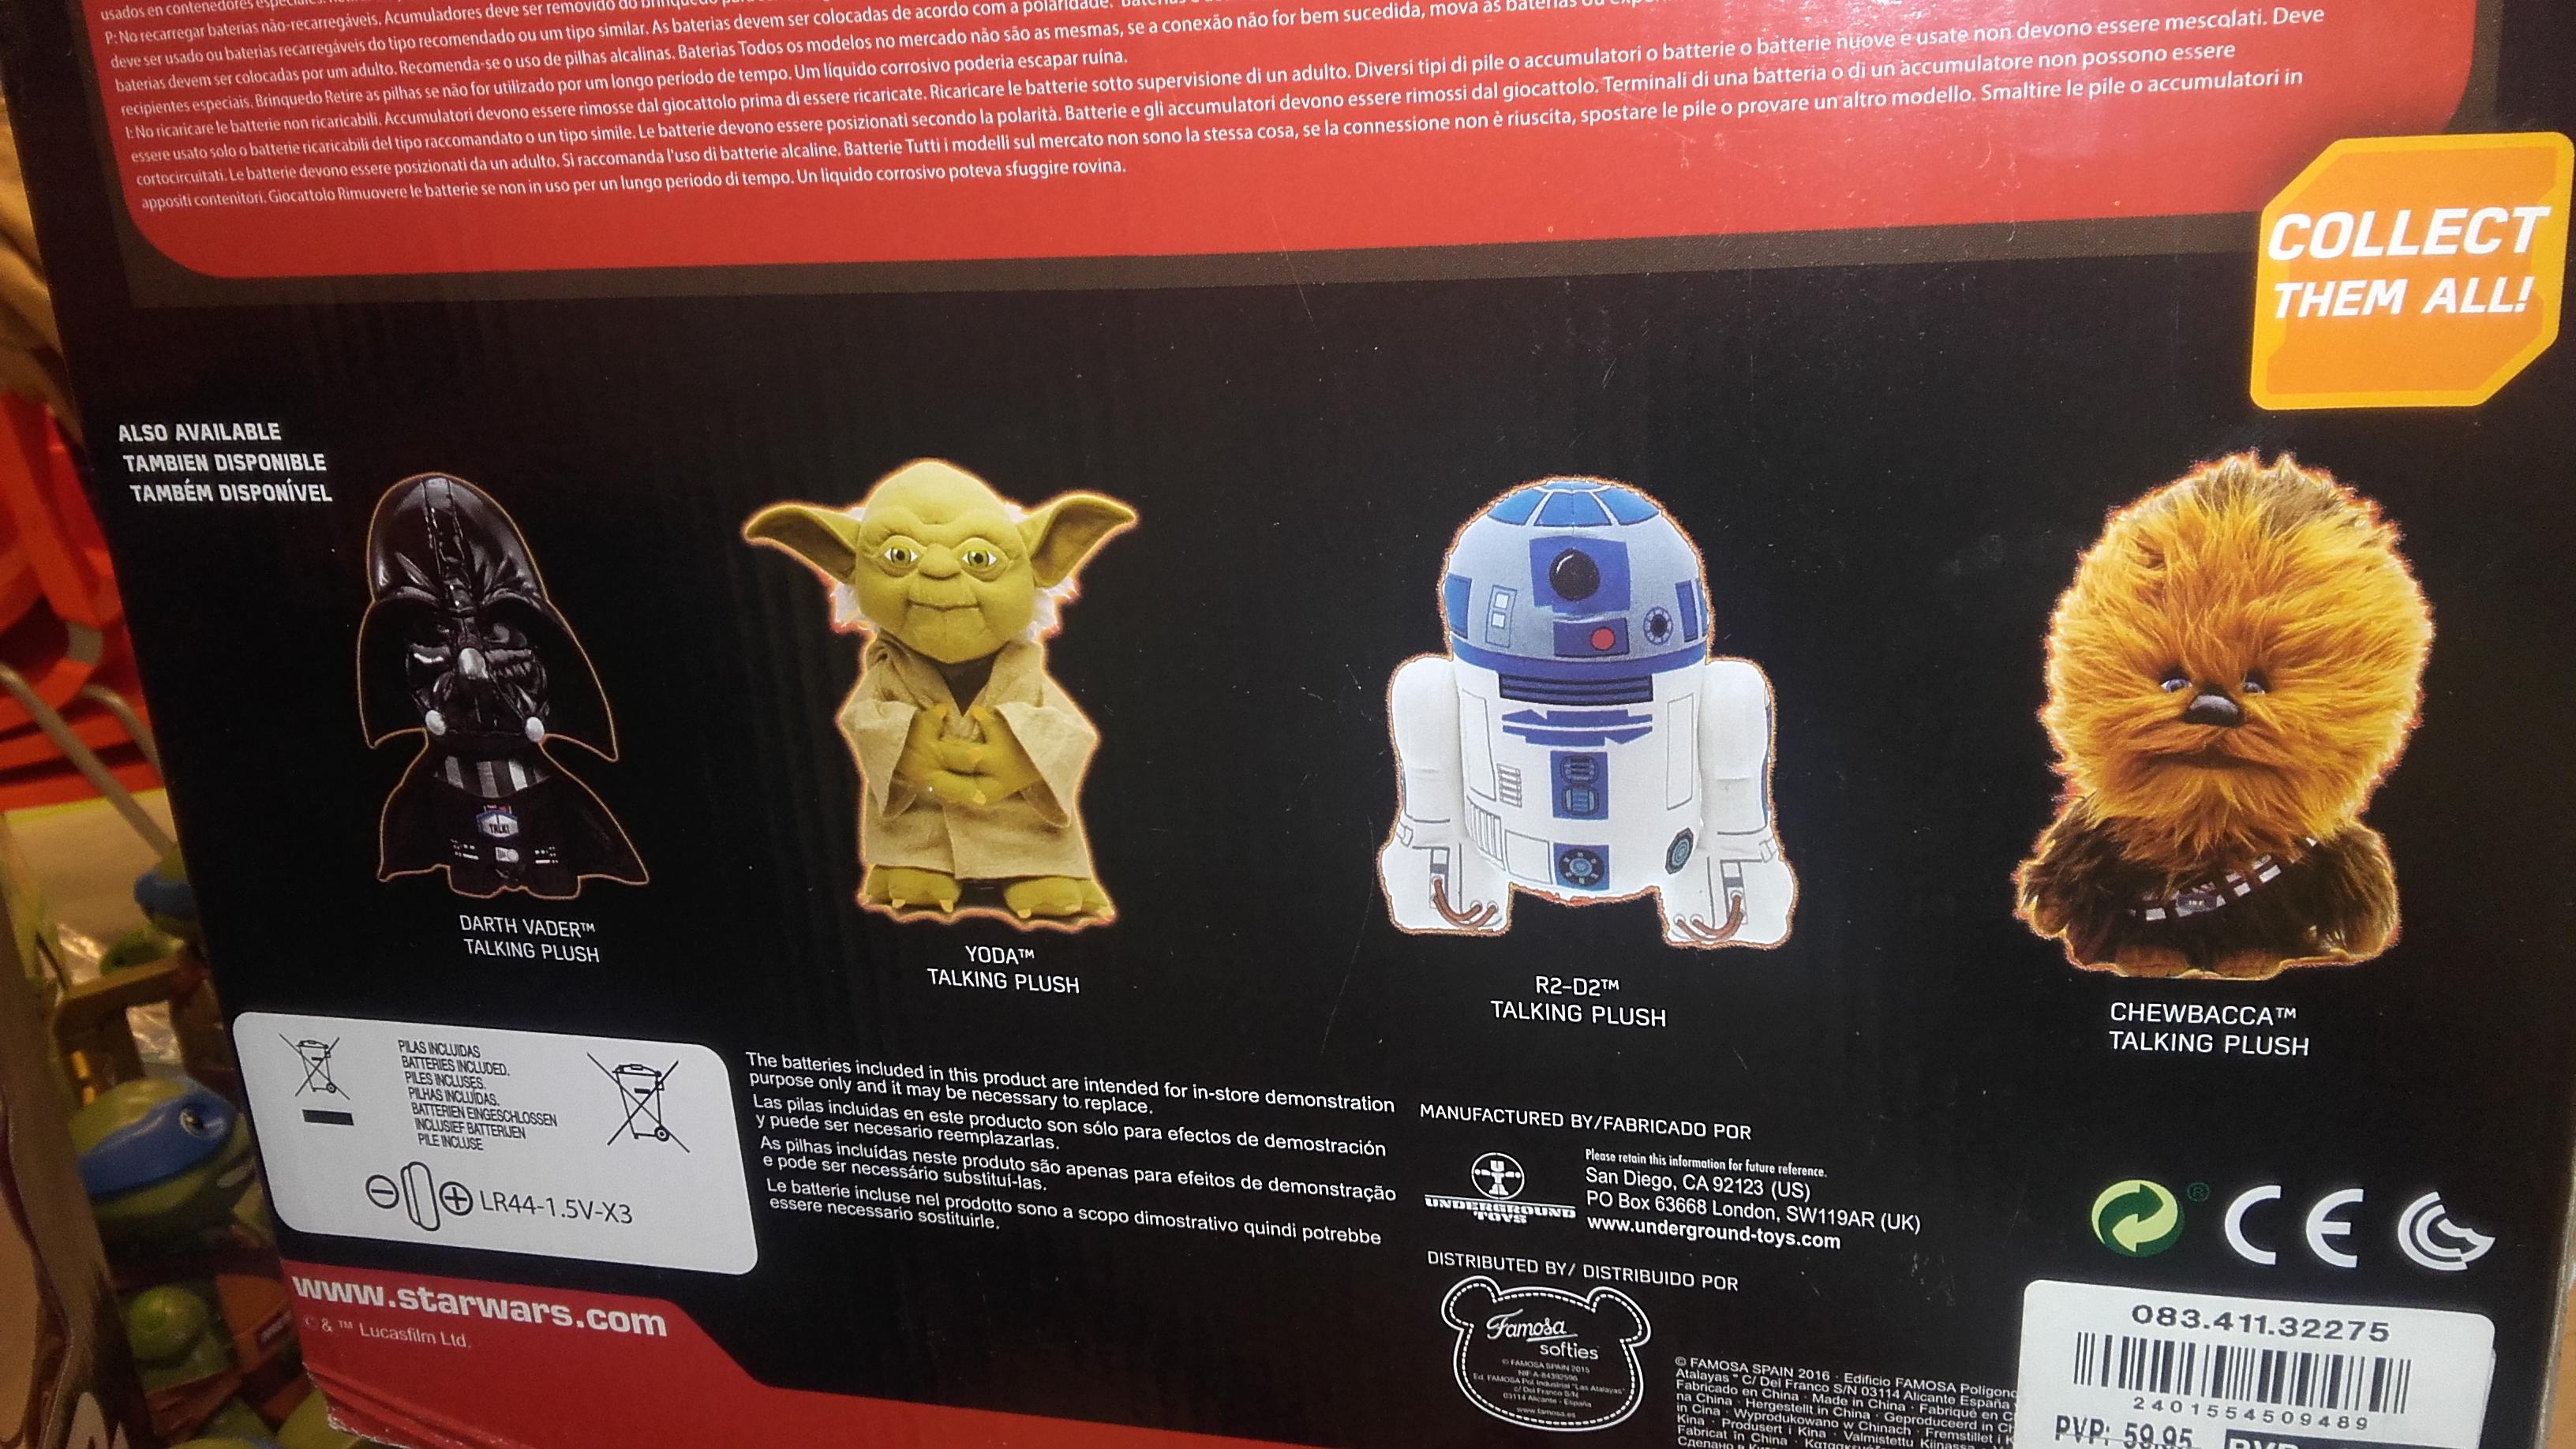 Peluches blandicos de Star Wars con sonido - Outlet Corte inglés Vista Alegre